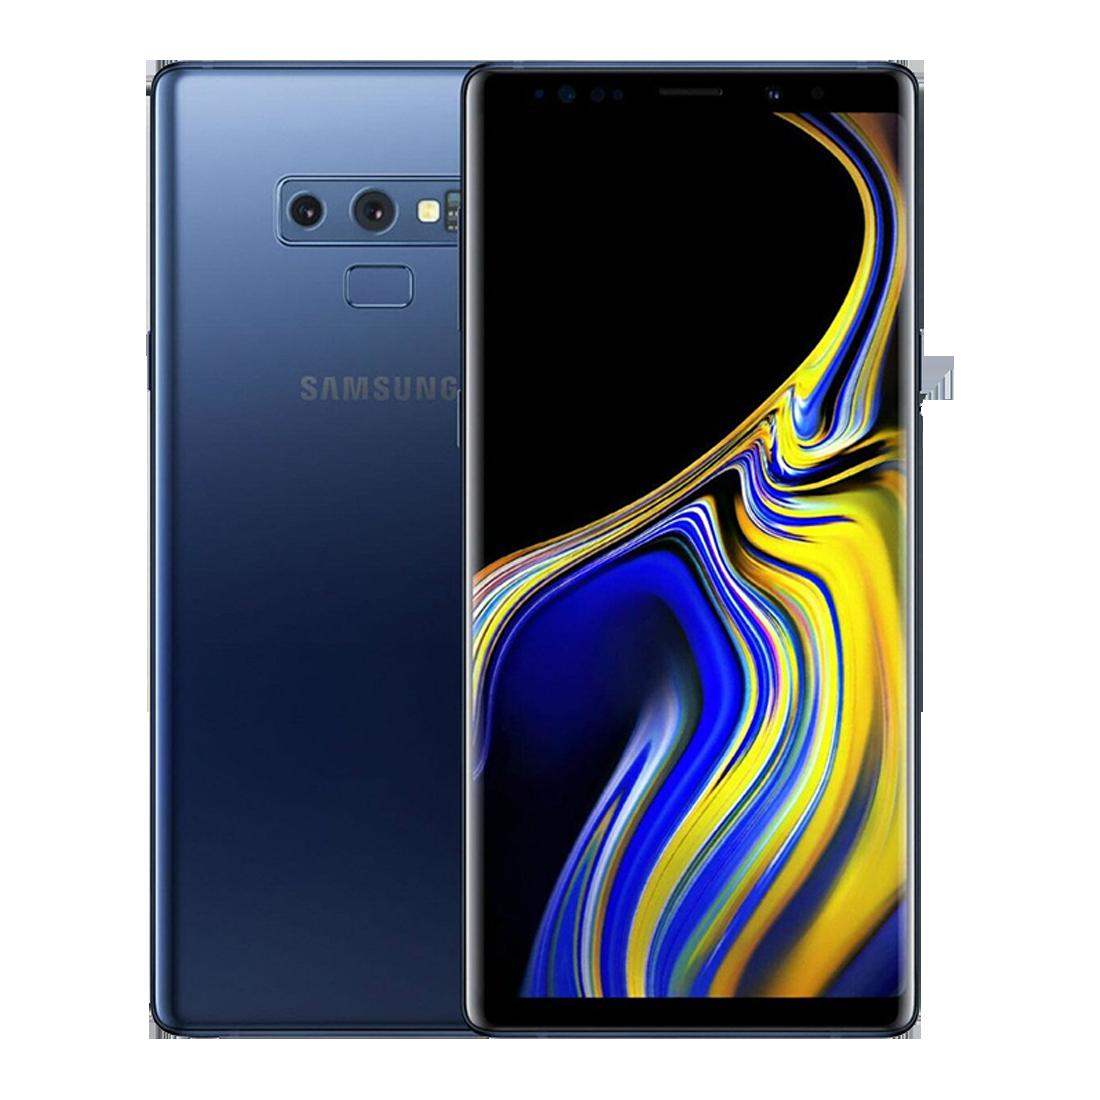 Samsung Galaxy S20 recebe One UI 2.5 com recursos do Note 20